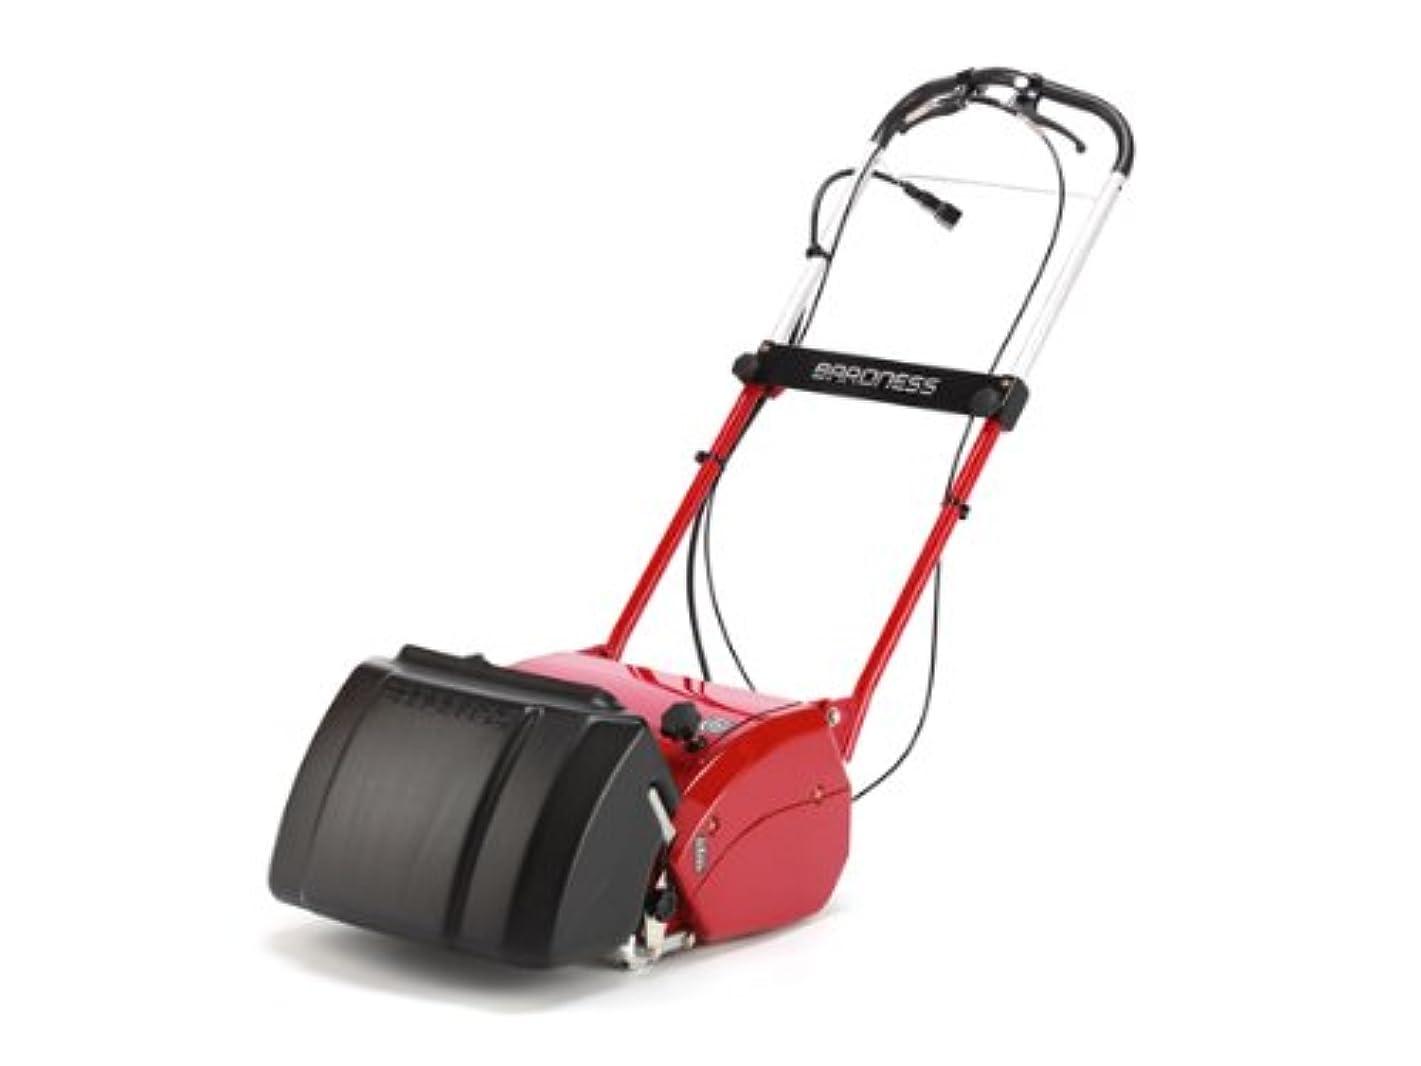 シチリア叫ぶパレードバロネス コード付自走式芝刈り機 LM12MH 刈り高変更オプション装着品